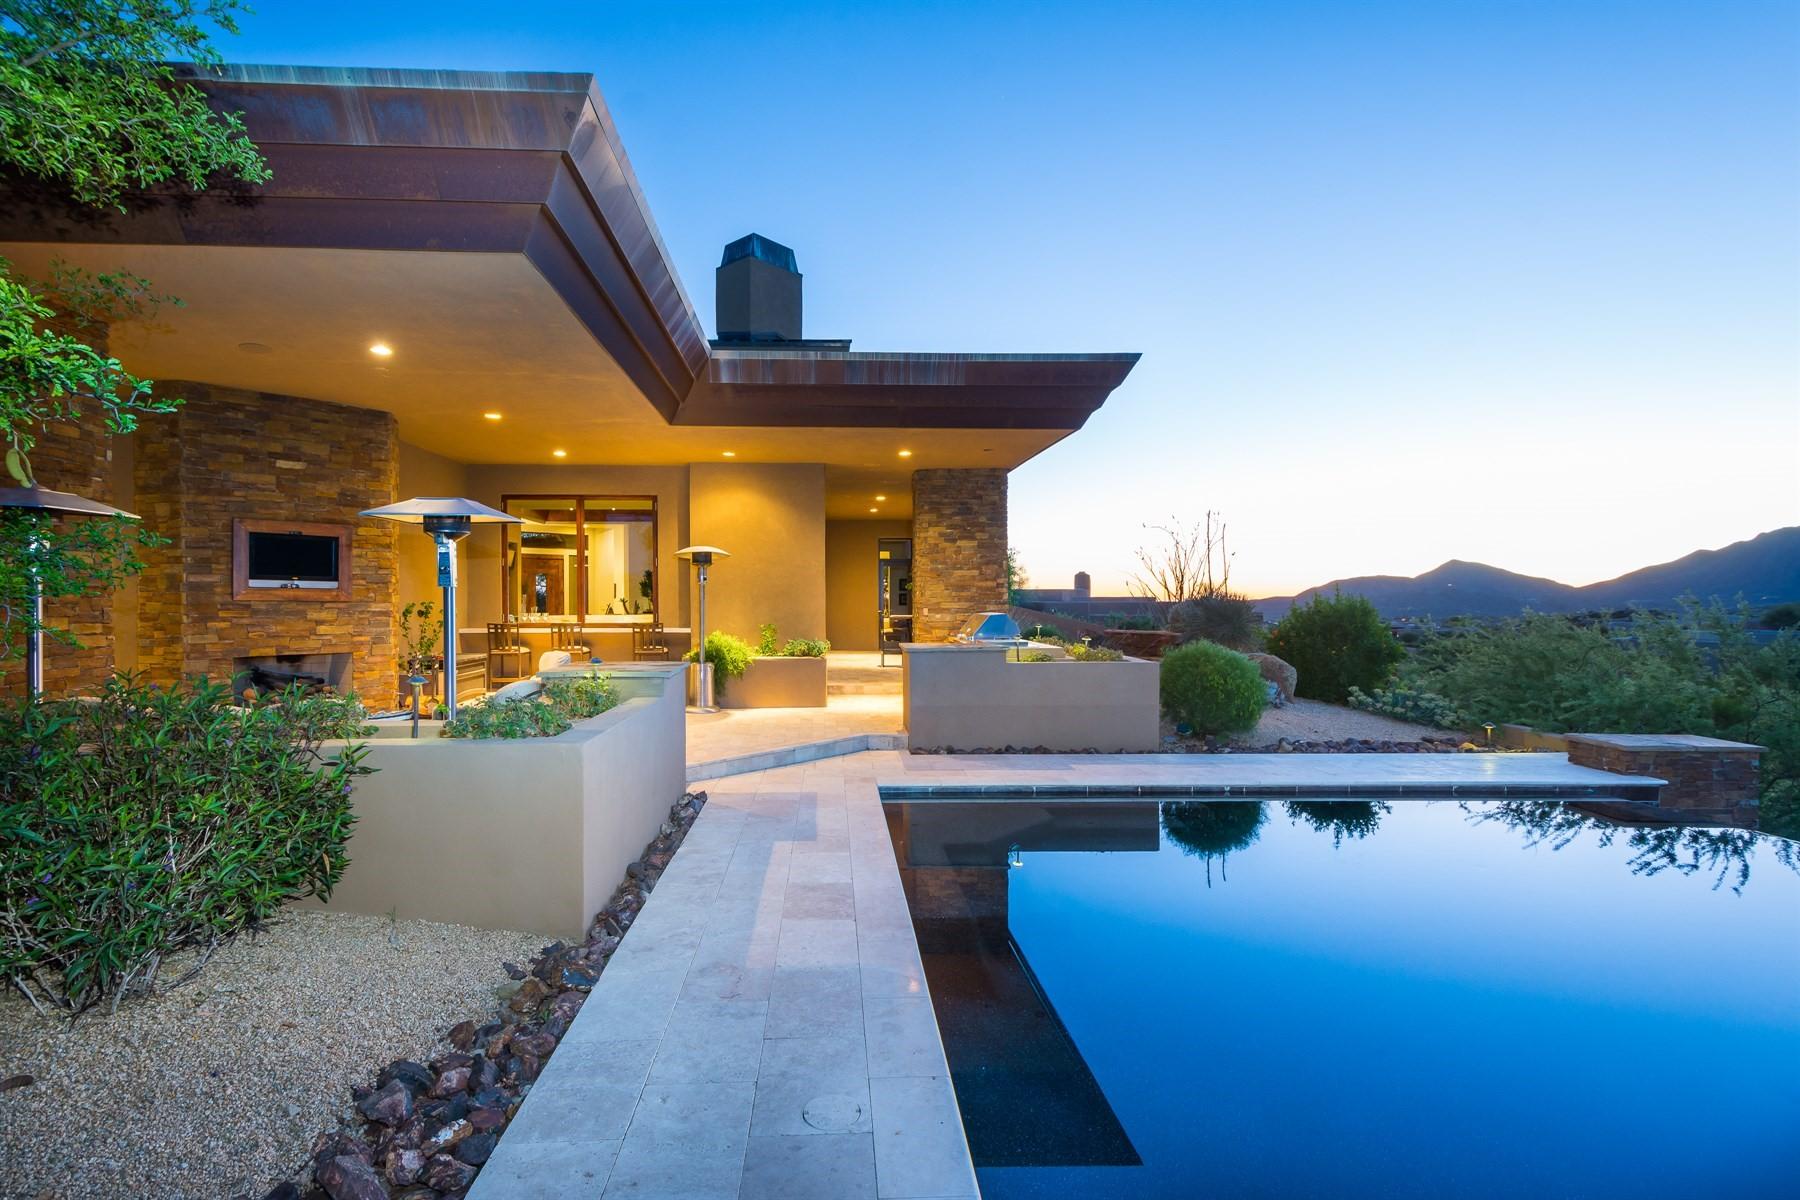 一戸建て のために 売買 アット Hilltop soft contemporary home in Desert Mountain 41065 N 109th Pl, Scottsdale, アリゾナ, 85262 アメリカ合衆国